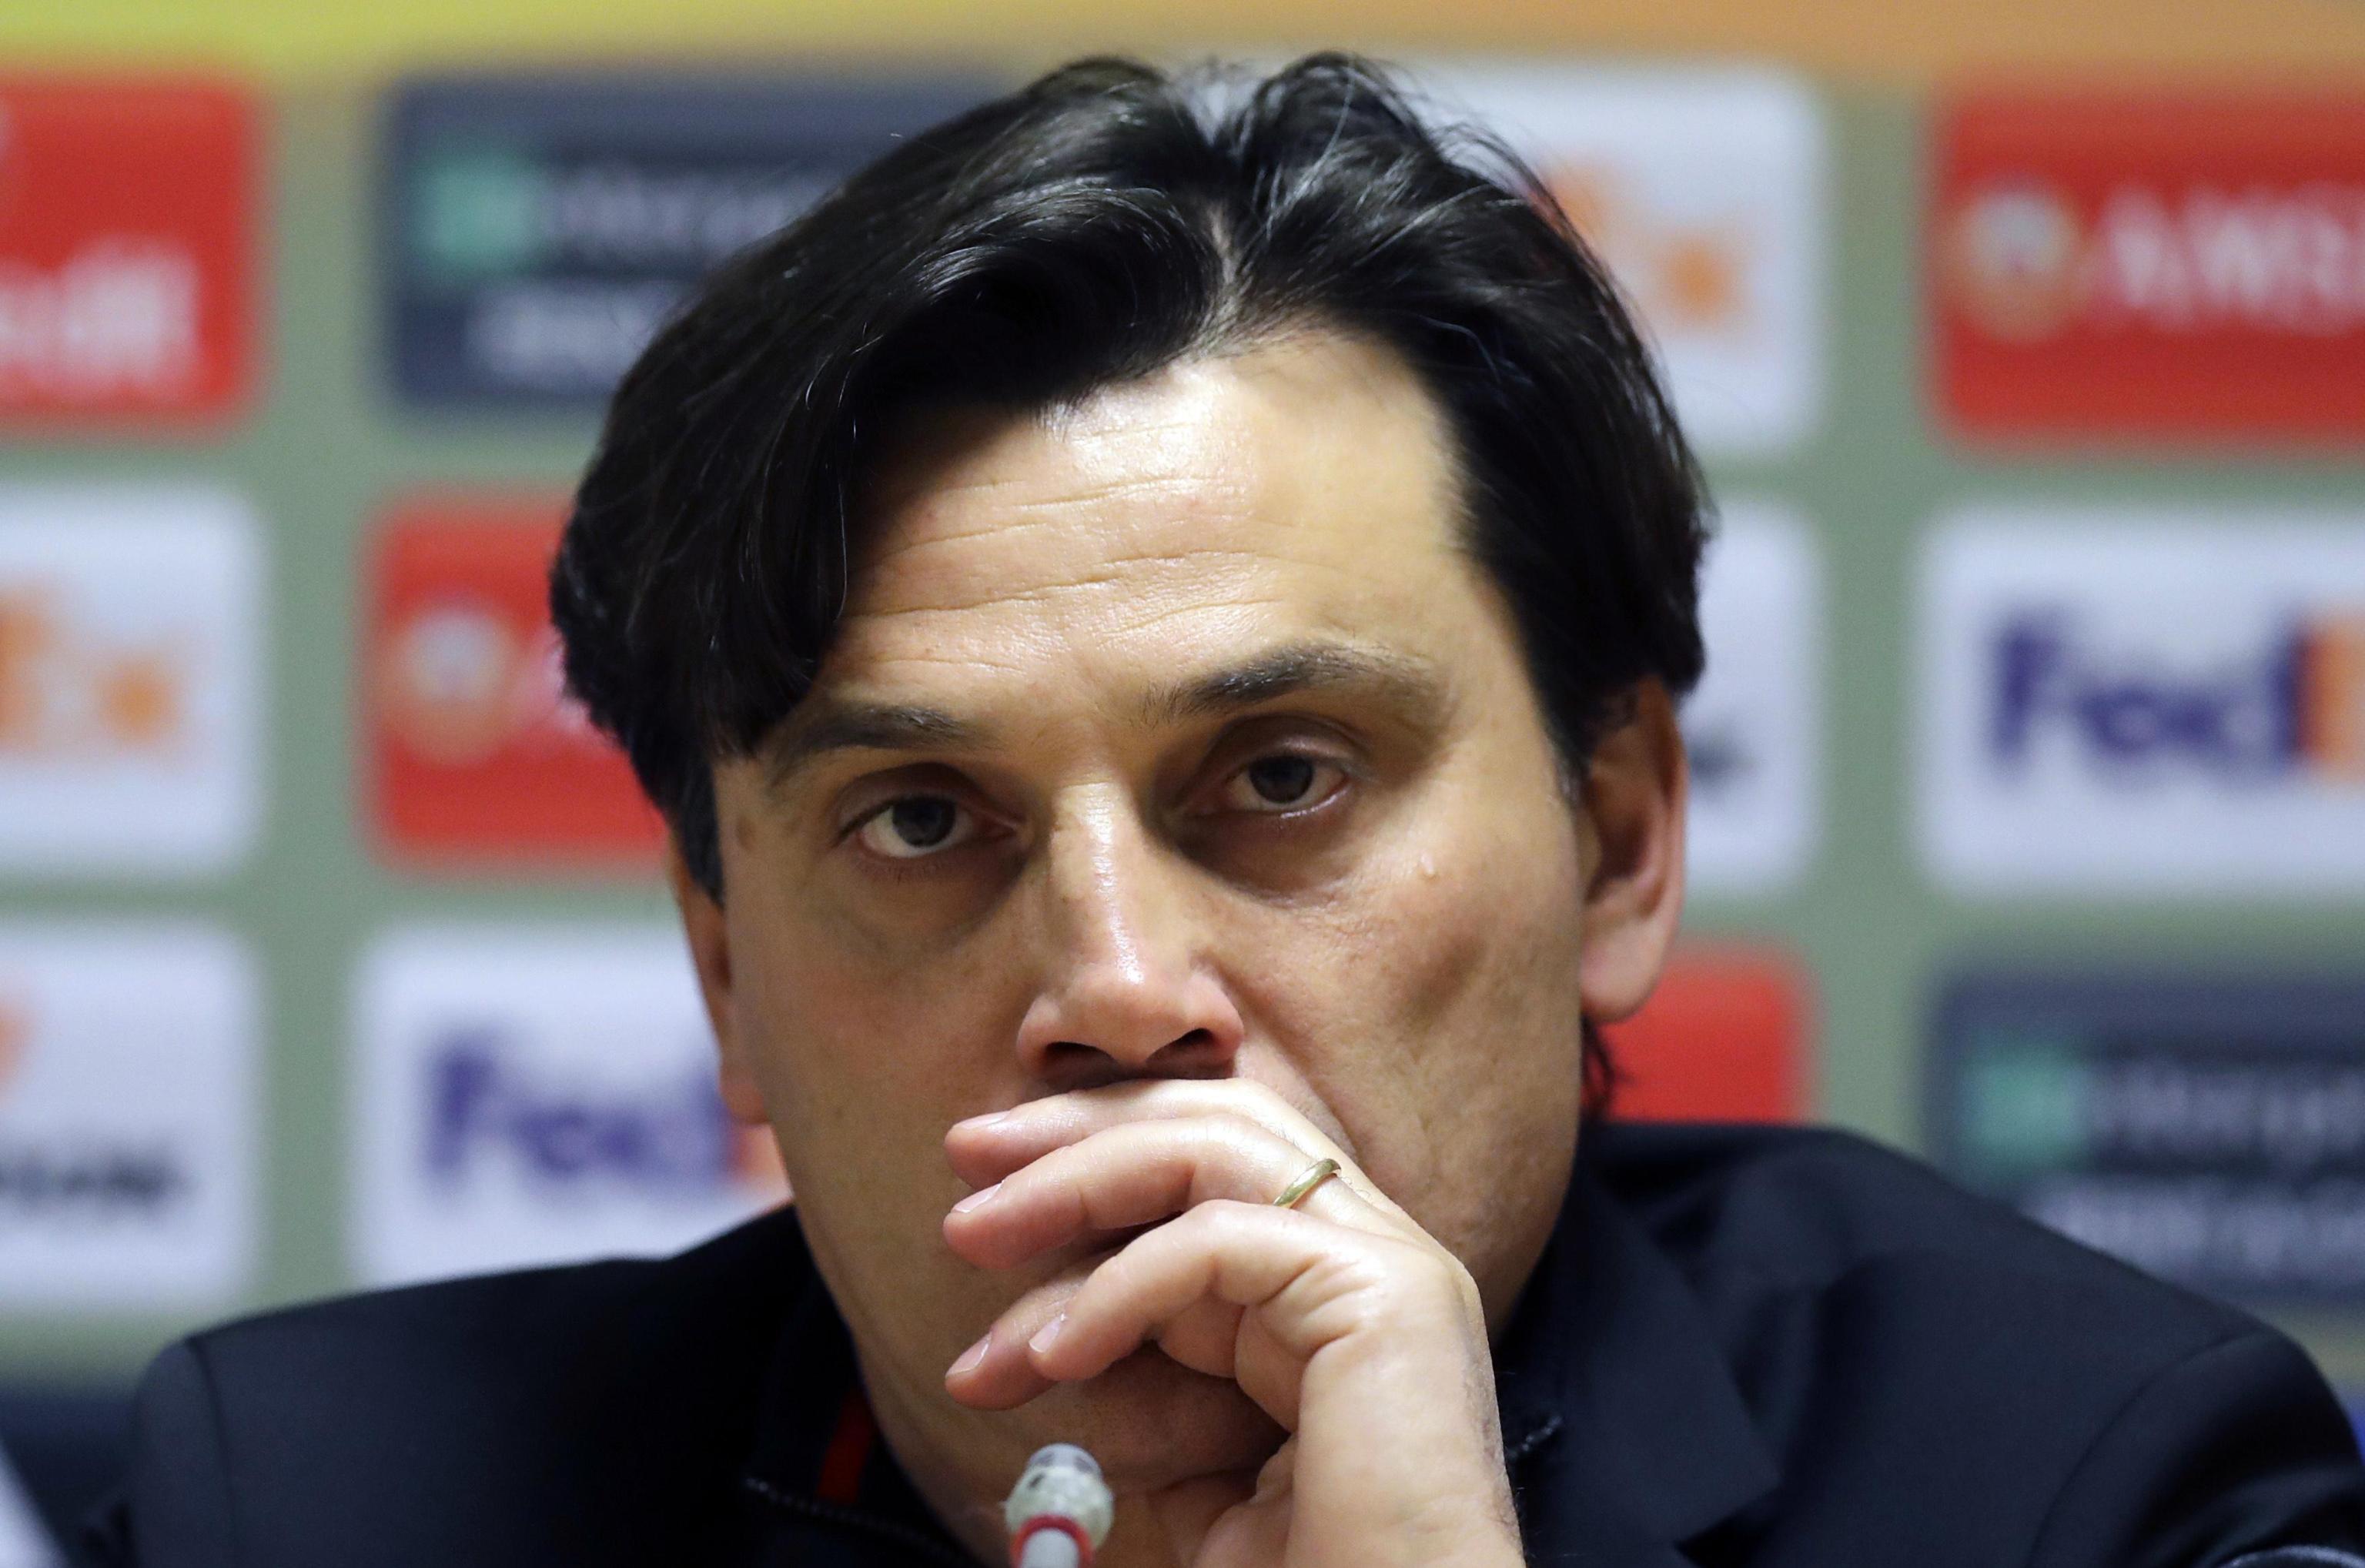 Montella esonerato dal Milan, squadra affidata a Gattuso